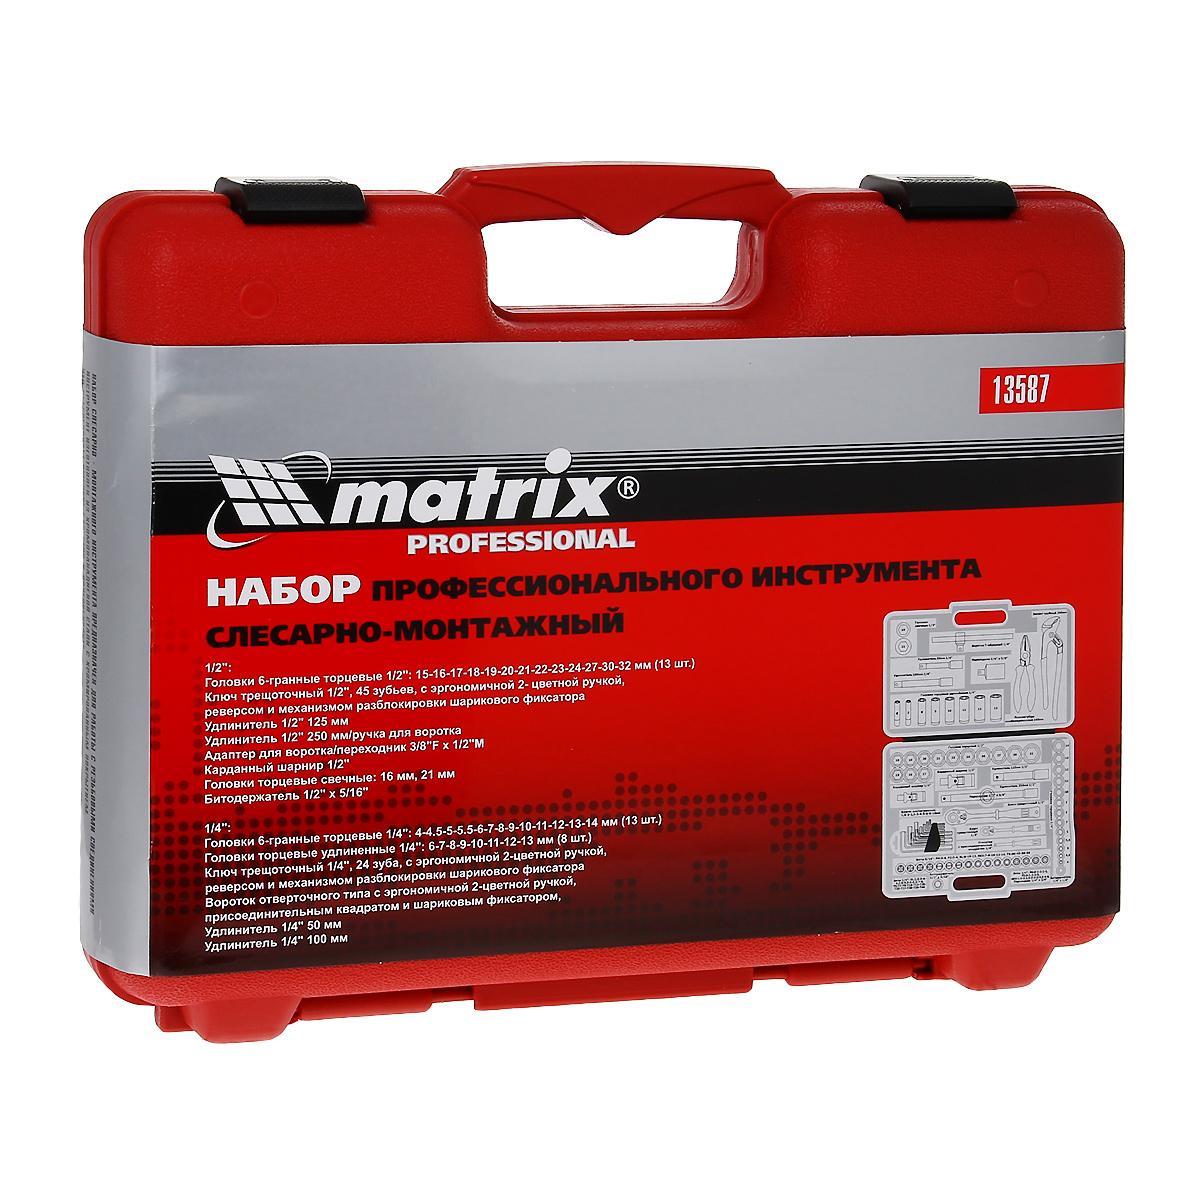 Набор слесарно-монтажный Matrix, 117 предметов98298130Слесарно-монтажный набор Matrix предназначен для монтажа и демонтажа резьбовых соединений. Инструменты выполнены из хромованадиевой стали с хромированным покрытием, что обеспечивает высокое качество и долговечность.Состав набора:1/2:Головки шестигранные торцевые: 15 мм, 16 мм, 17 мм, 18 мм, 19 мм, 20 мм, 21 мм, 22 мм, 23 мм, 24 мм, 27 мм, 30 мм, 32 мм.Ключ трещоточный, 45 зубьев, с эргономичной двухцветной ручкой, реверсом и механизмом разблокировки шарикового фиксатора.Удлинитель 125 мм.Удлинитель 250 мм/ручка для воротка.Адаптер для воротка/переходник 3/8F х 1/2M.Карданный шарнир.Головки торцевые свечные: 16 мм, 21 мм.Битодержатель 1/2 х 5/16.1/4:Головки шестигранные торцевые: 4 мм, 4,5 мм, 5 мм, 5.5 мм, 6 мм, 7 мм, 8 мм, 9 мм, 10 мм, 11 мм, 12 мм, 13 мм, 14 мм.Шестигранные угловые (Г-образные) ключи: 1.5 мм, 2 мм, 2.5 мм, 3 мм, 4 мм, 5 мм, 6 мм, 8 мм, 10 мм.Головки торцевые удлиненные: 6 мм, 7 мм, 8 мм, 9 мм, 10 мм, 11 мм, 12 мм, 13 мм.Ключ трещоточный, 24 зуба, с эргономичной двухцветной ручкой, реверсом и механизмом разблокировки шарикового фиксатора.Вороток отверточного типа с эргономичной двухцветной ручкой, присоединительным квадратом и шариковым фиксатором.Удлинитель 50 мм.Удлинитель 100 мм.